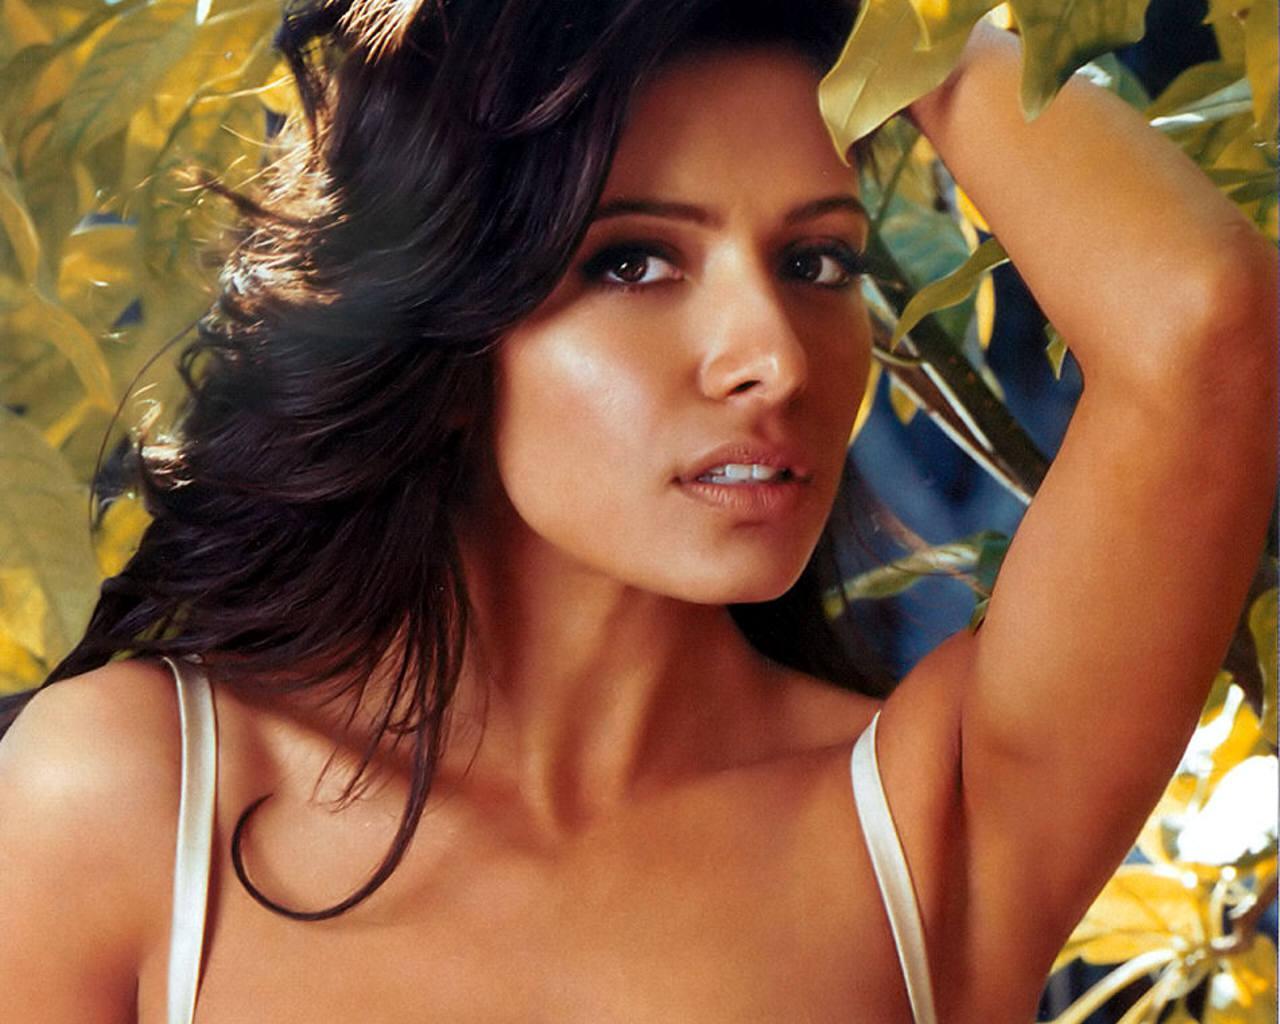 http://2.bp.blogspot.com/__RWIjMMpo1Y/TVATky_LmbI/AAAAAAAAAd8/9hNft9ItodE/s1600/Sarah+Shahi.jpg